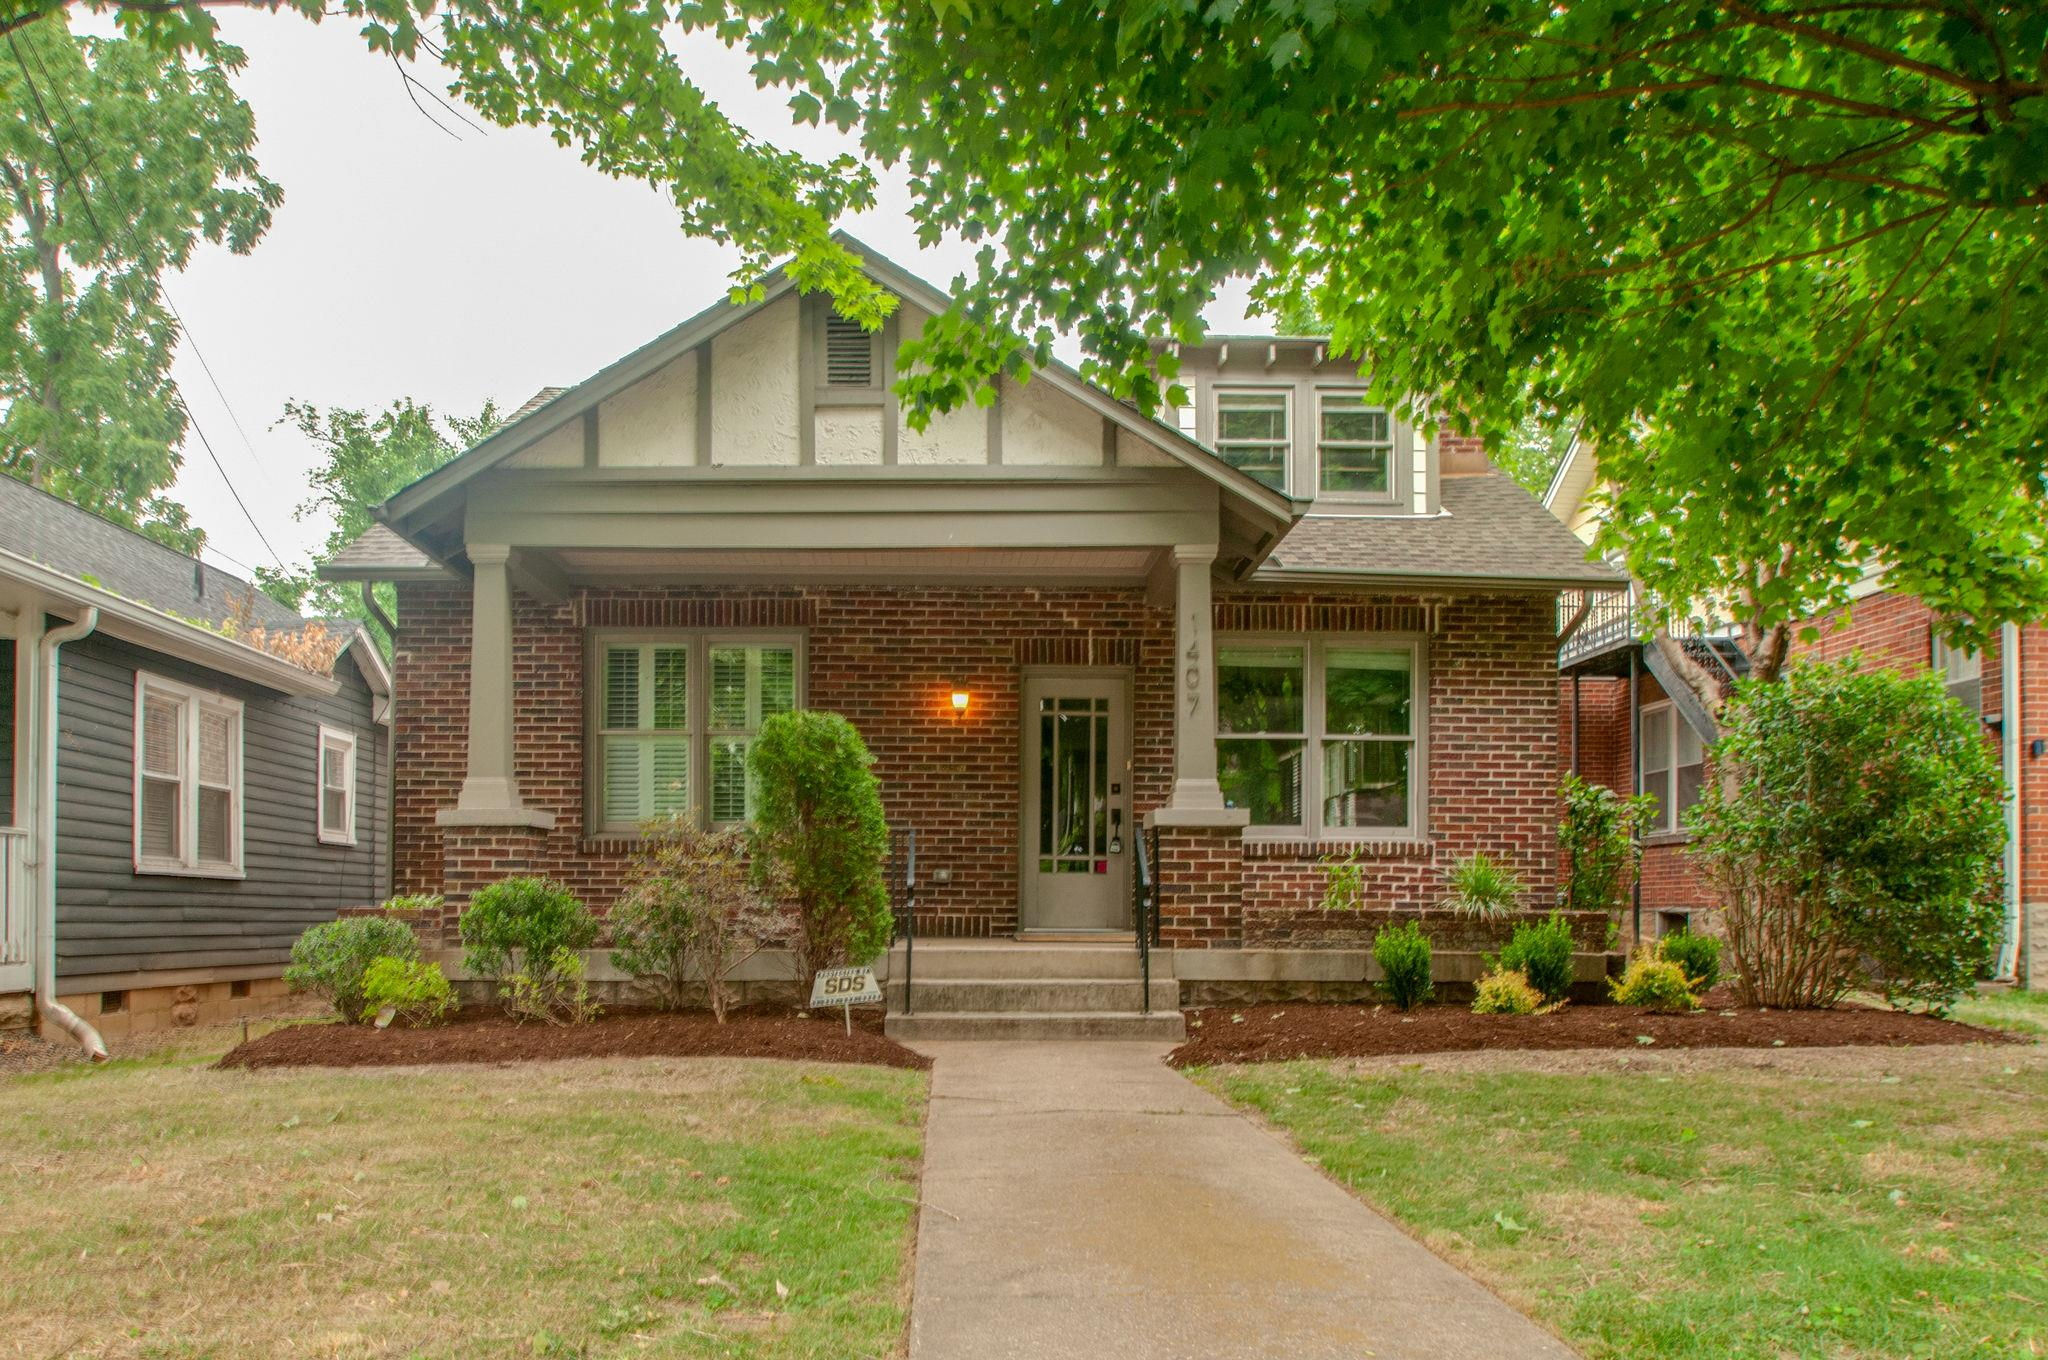 1407 Franklin Ave, Nashville, TN 37206 - Nashville, TN real estate listing